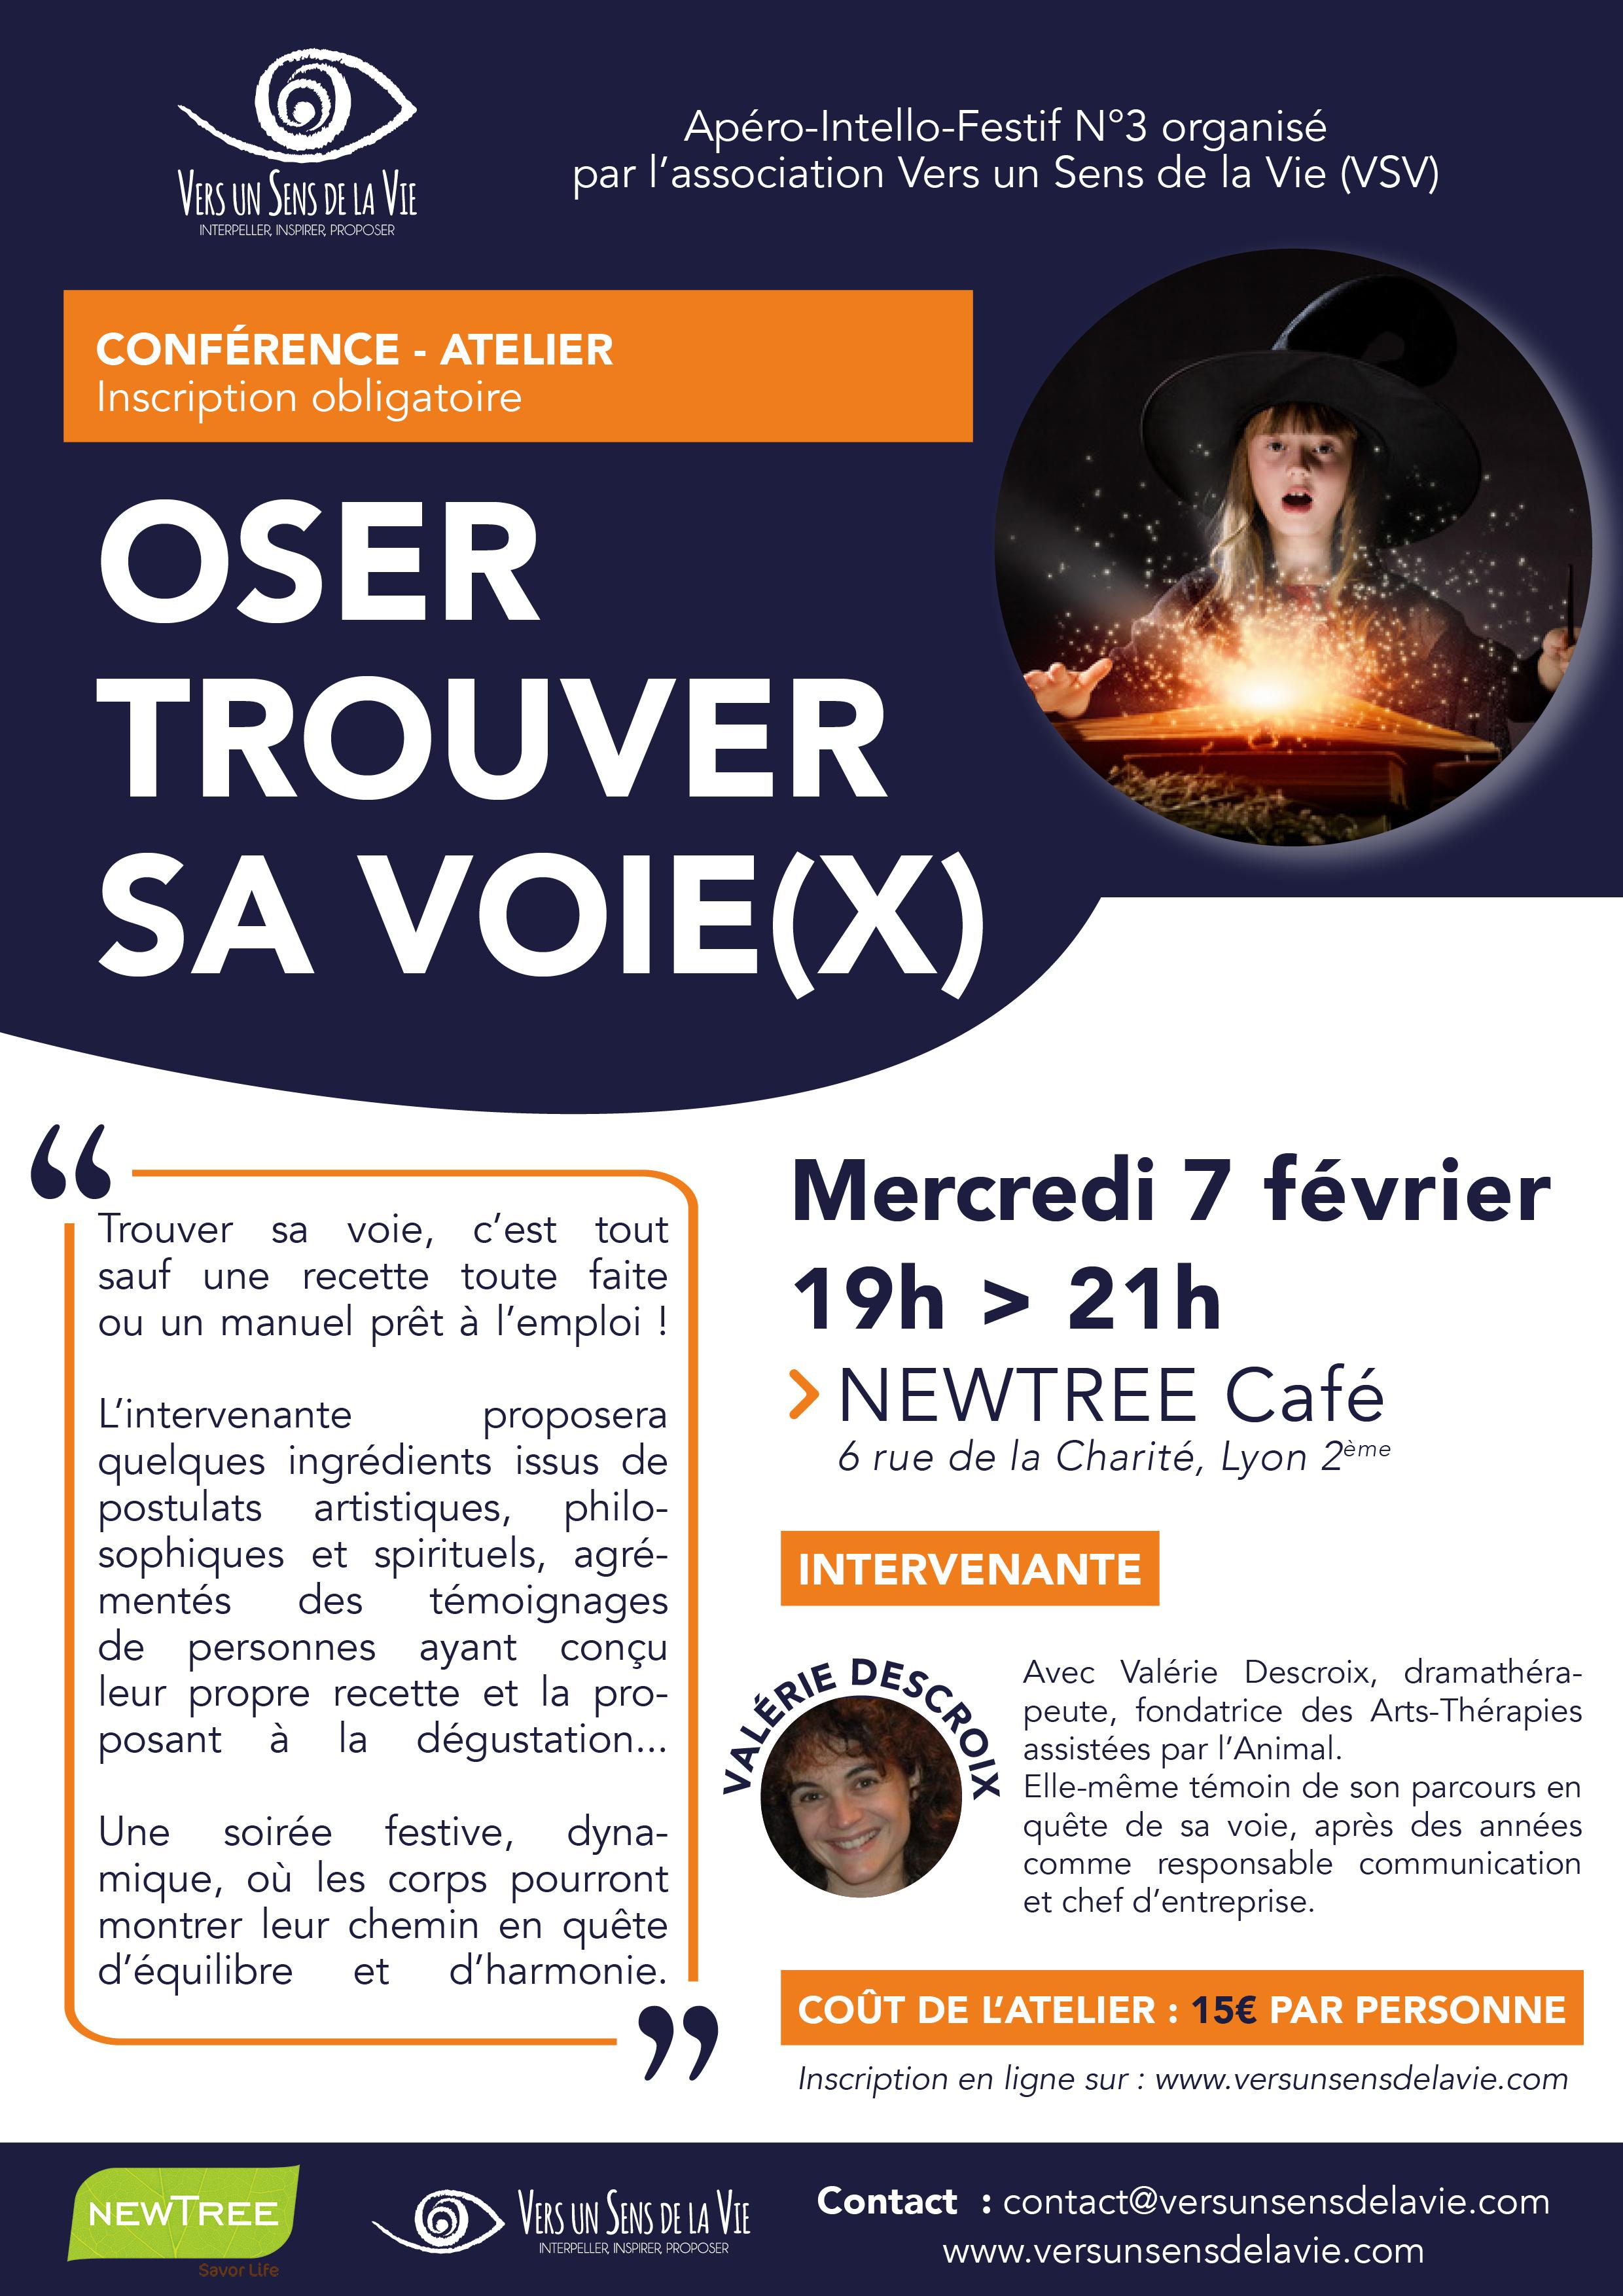 Affiche-Definitive-OserTrouverVoix-RVB